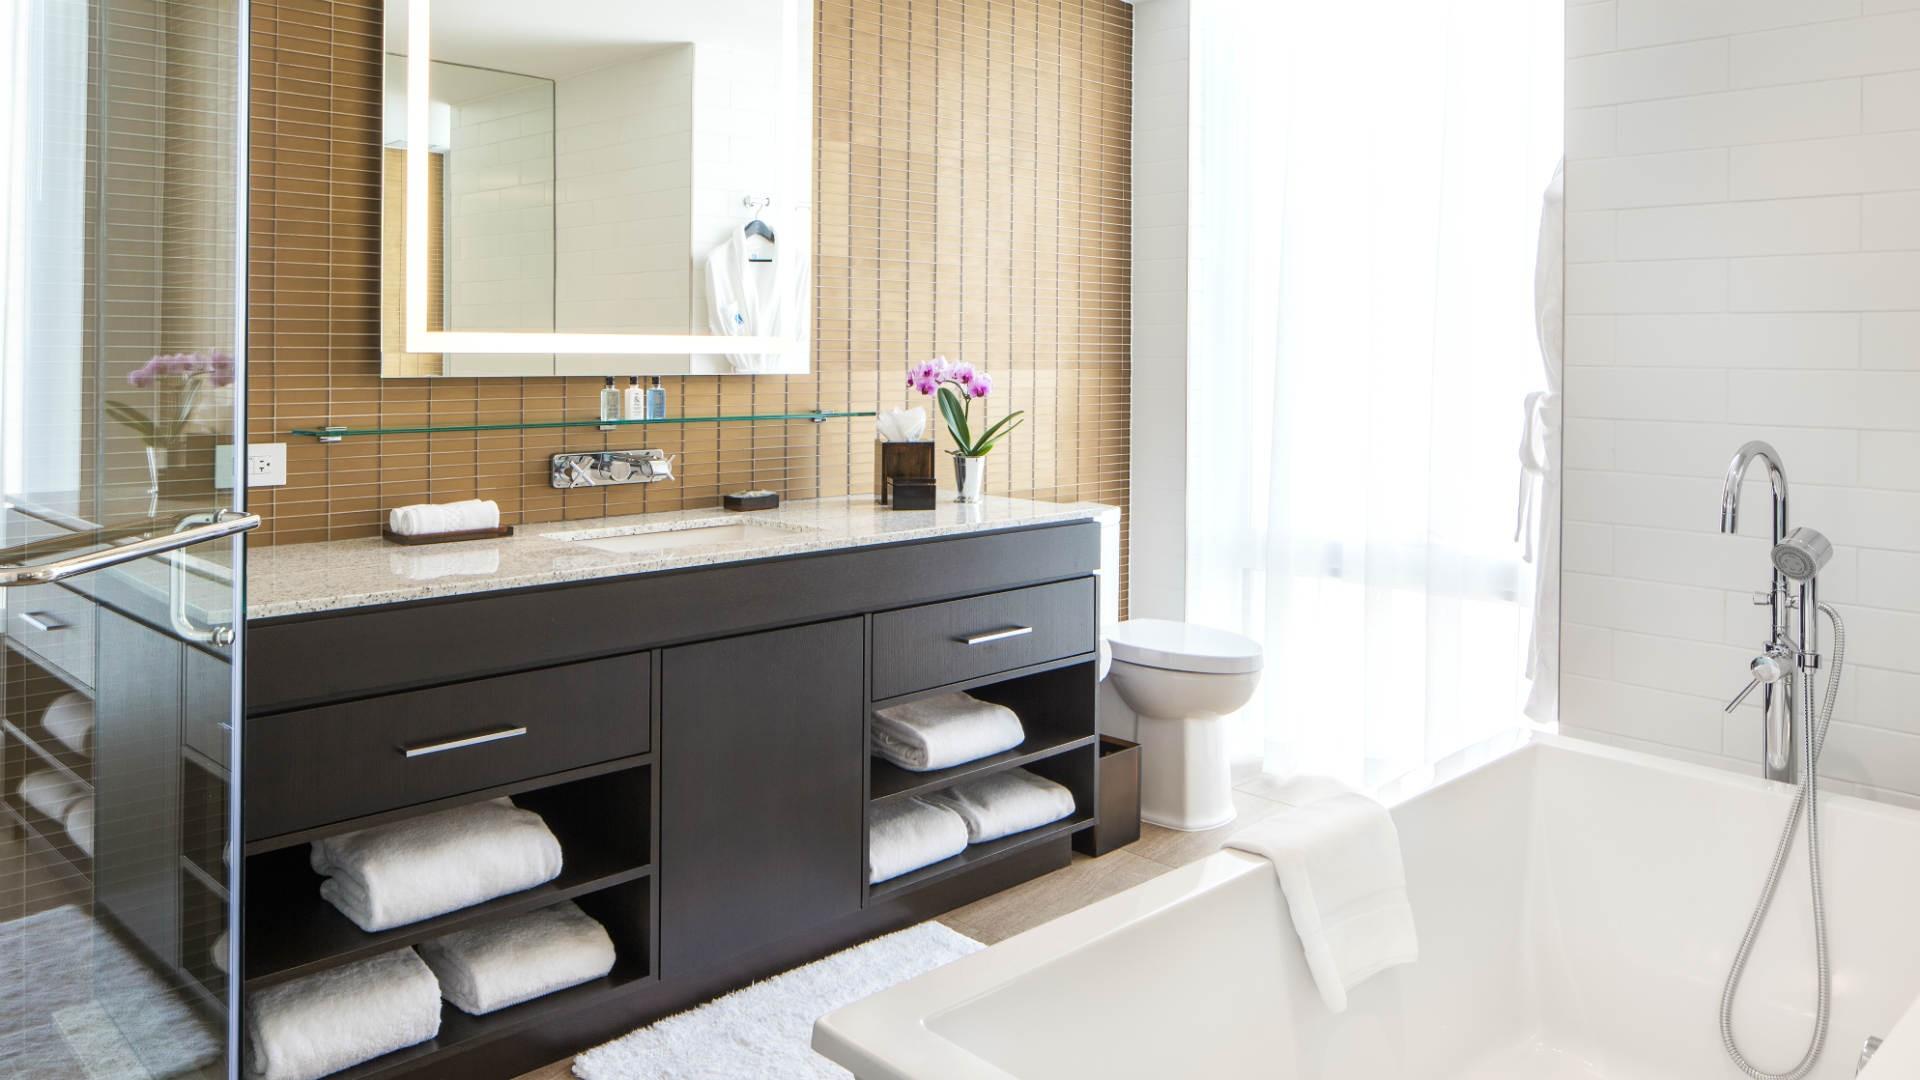 Hotel X Toronto Review: a bathroom